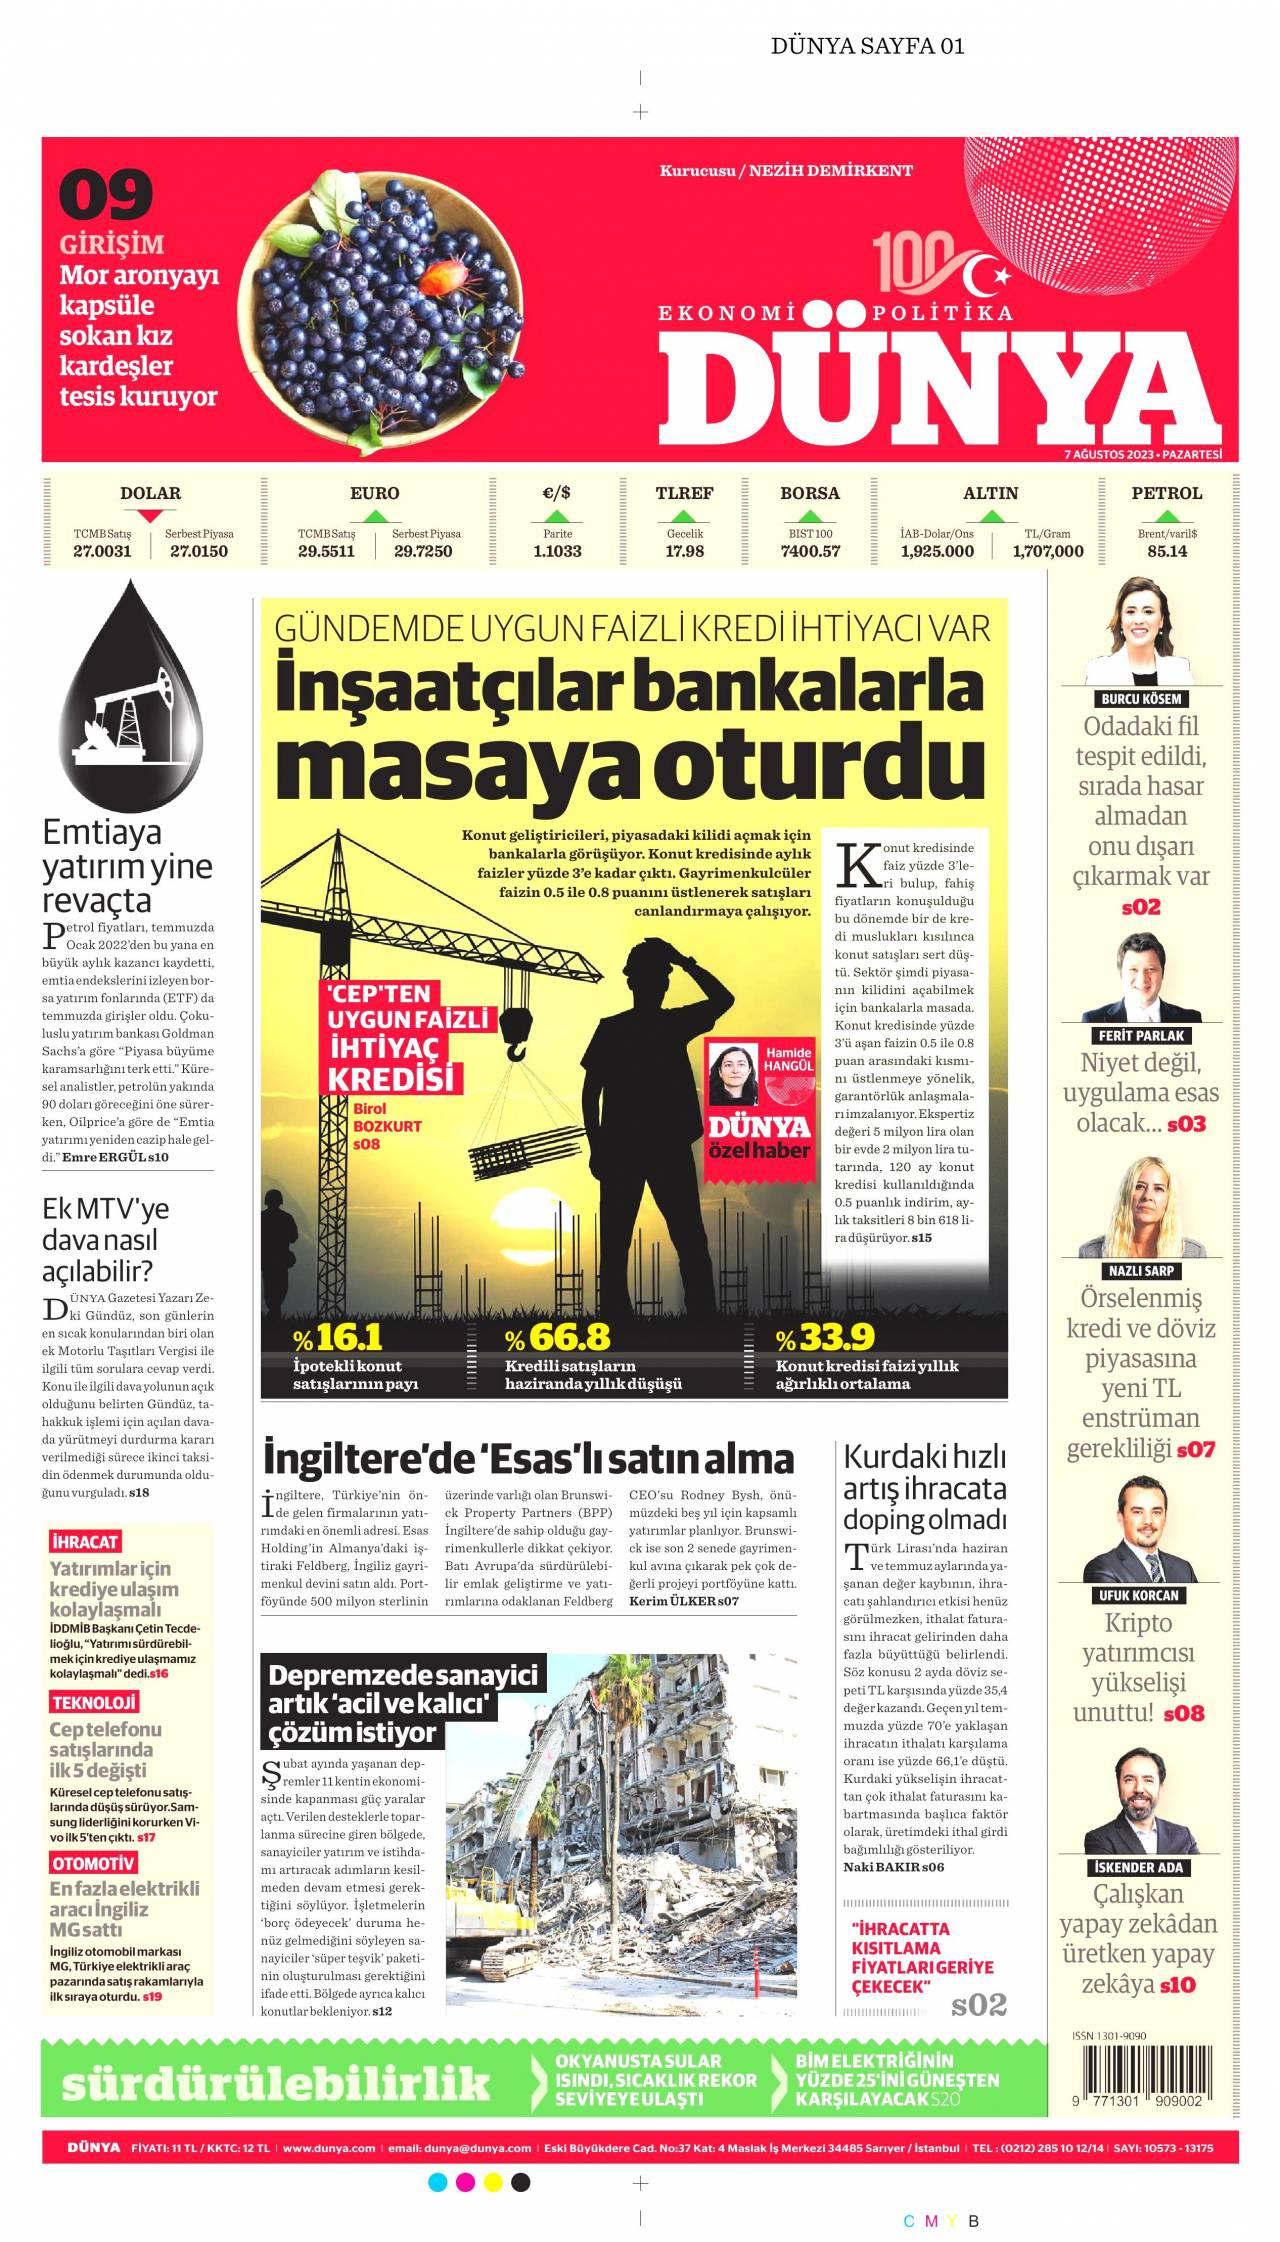 Dünya Gazetesi Gazetesi